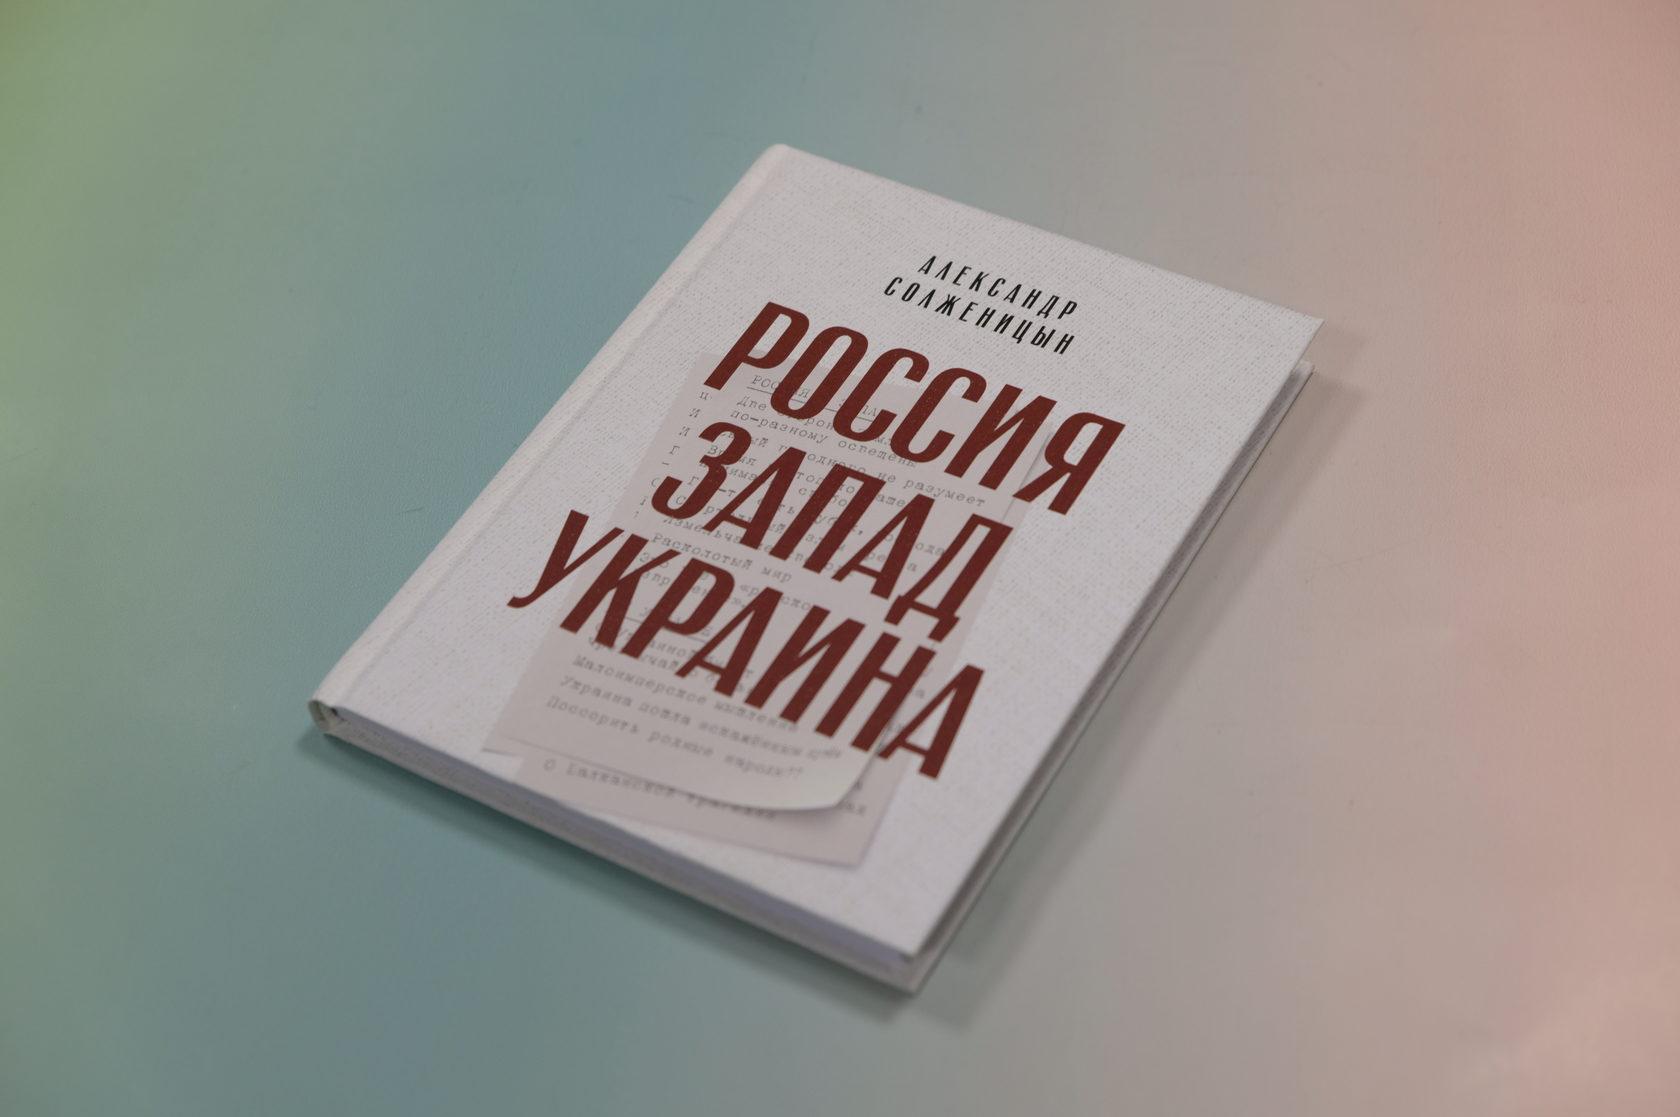 Александр Солженицын «Россия. Запад. Украина»